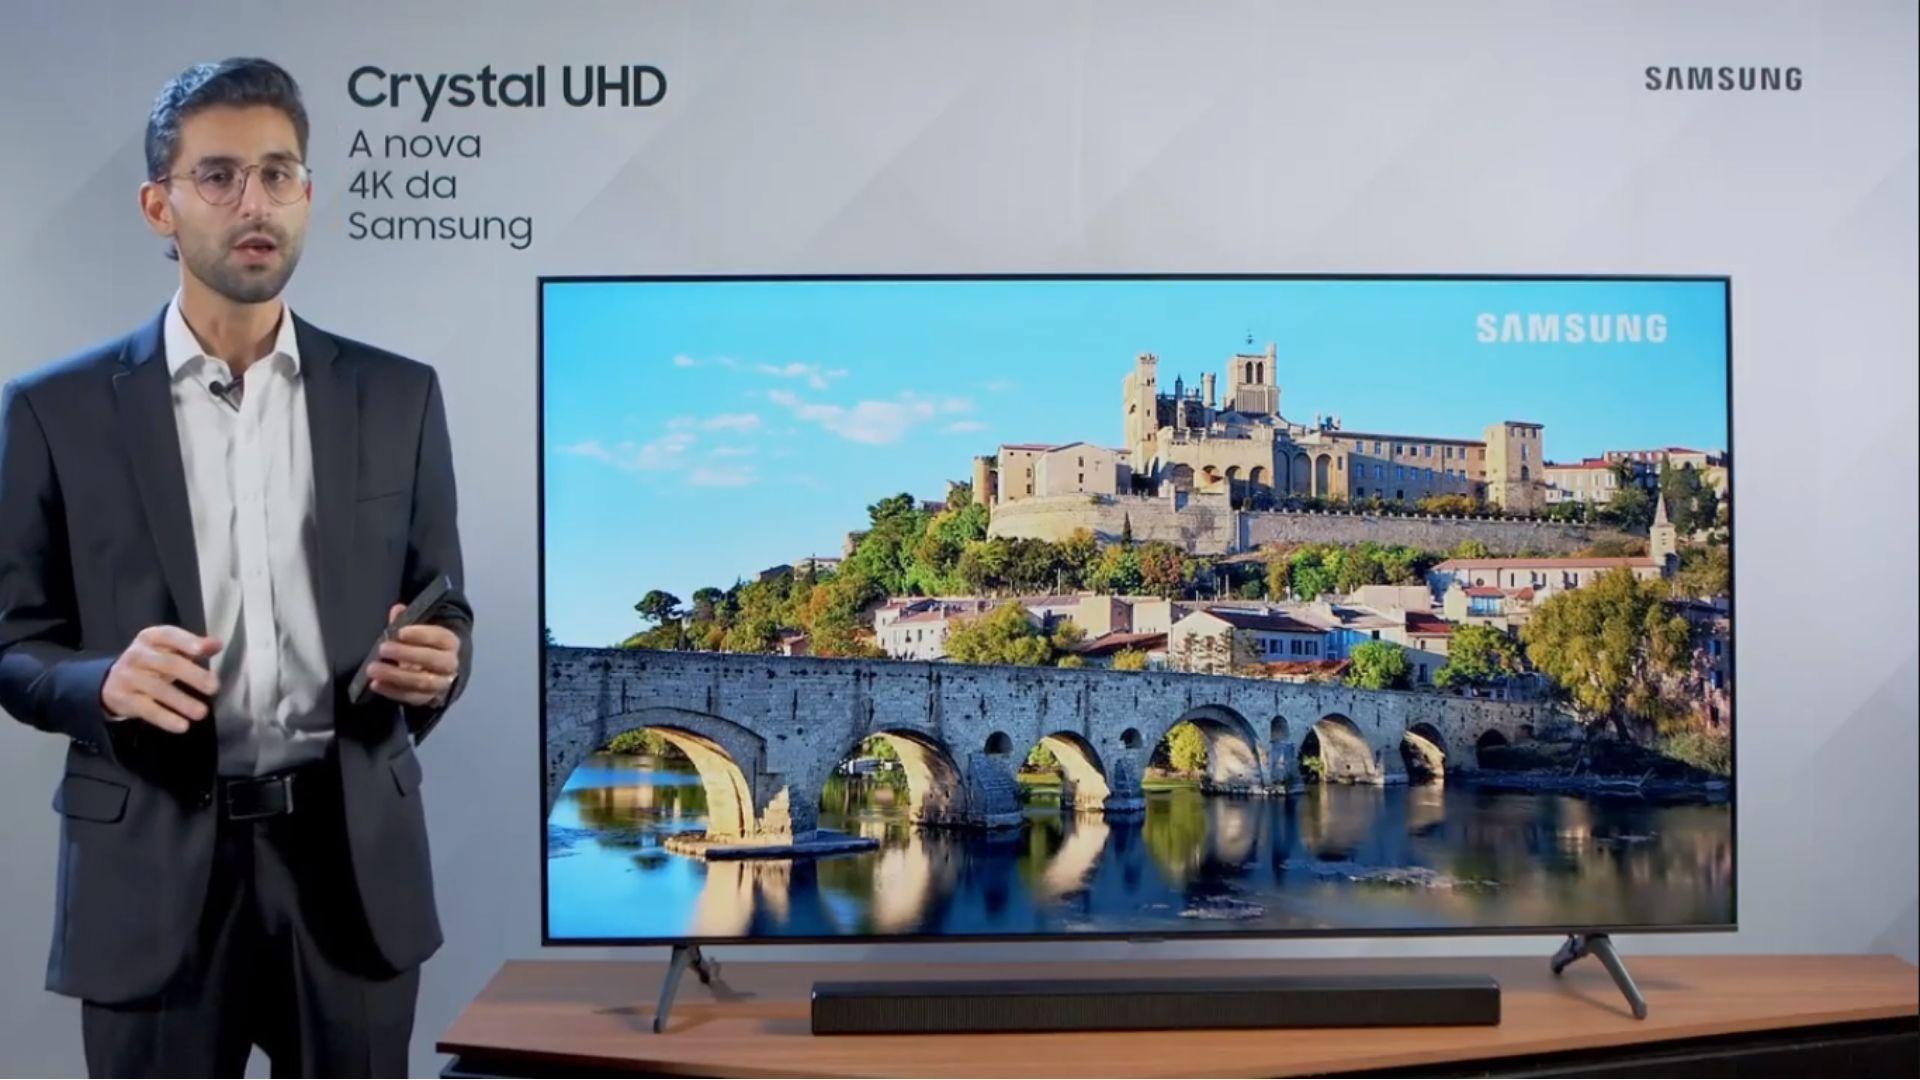 De acordo com a marca, a soundbar T550 é o modelo ideal para utilizar junto com a TU7000, modelo 2020 da linha Crystal UHD. (Imagem: Reprodução/Samsung)